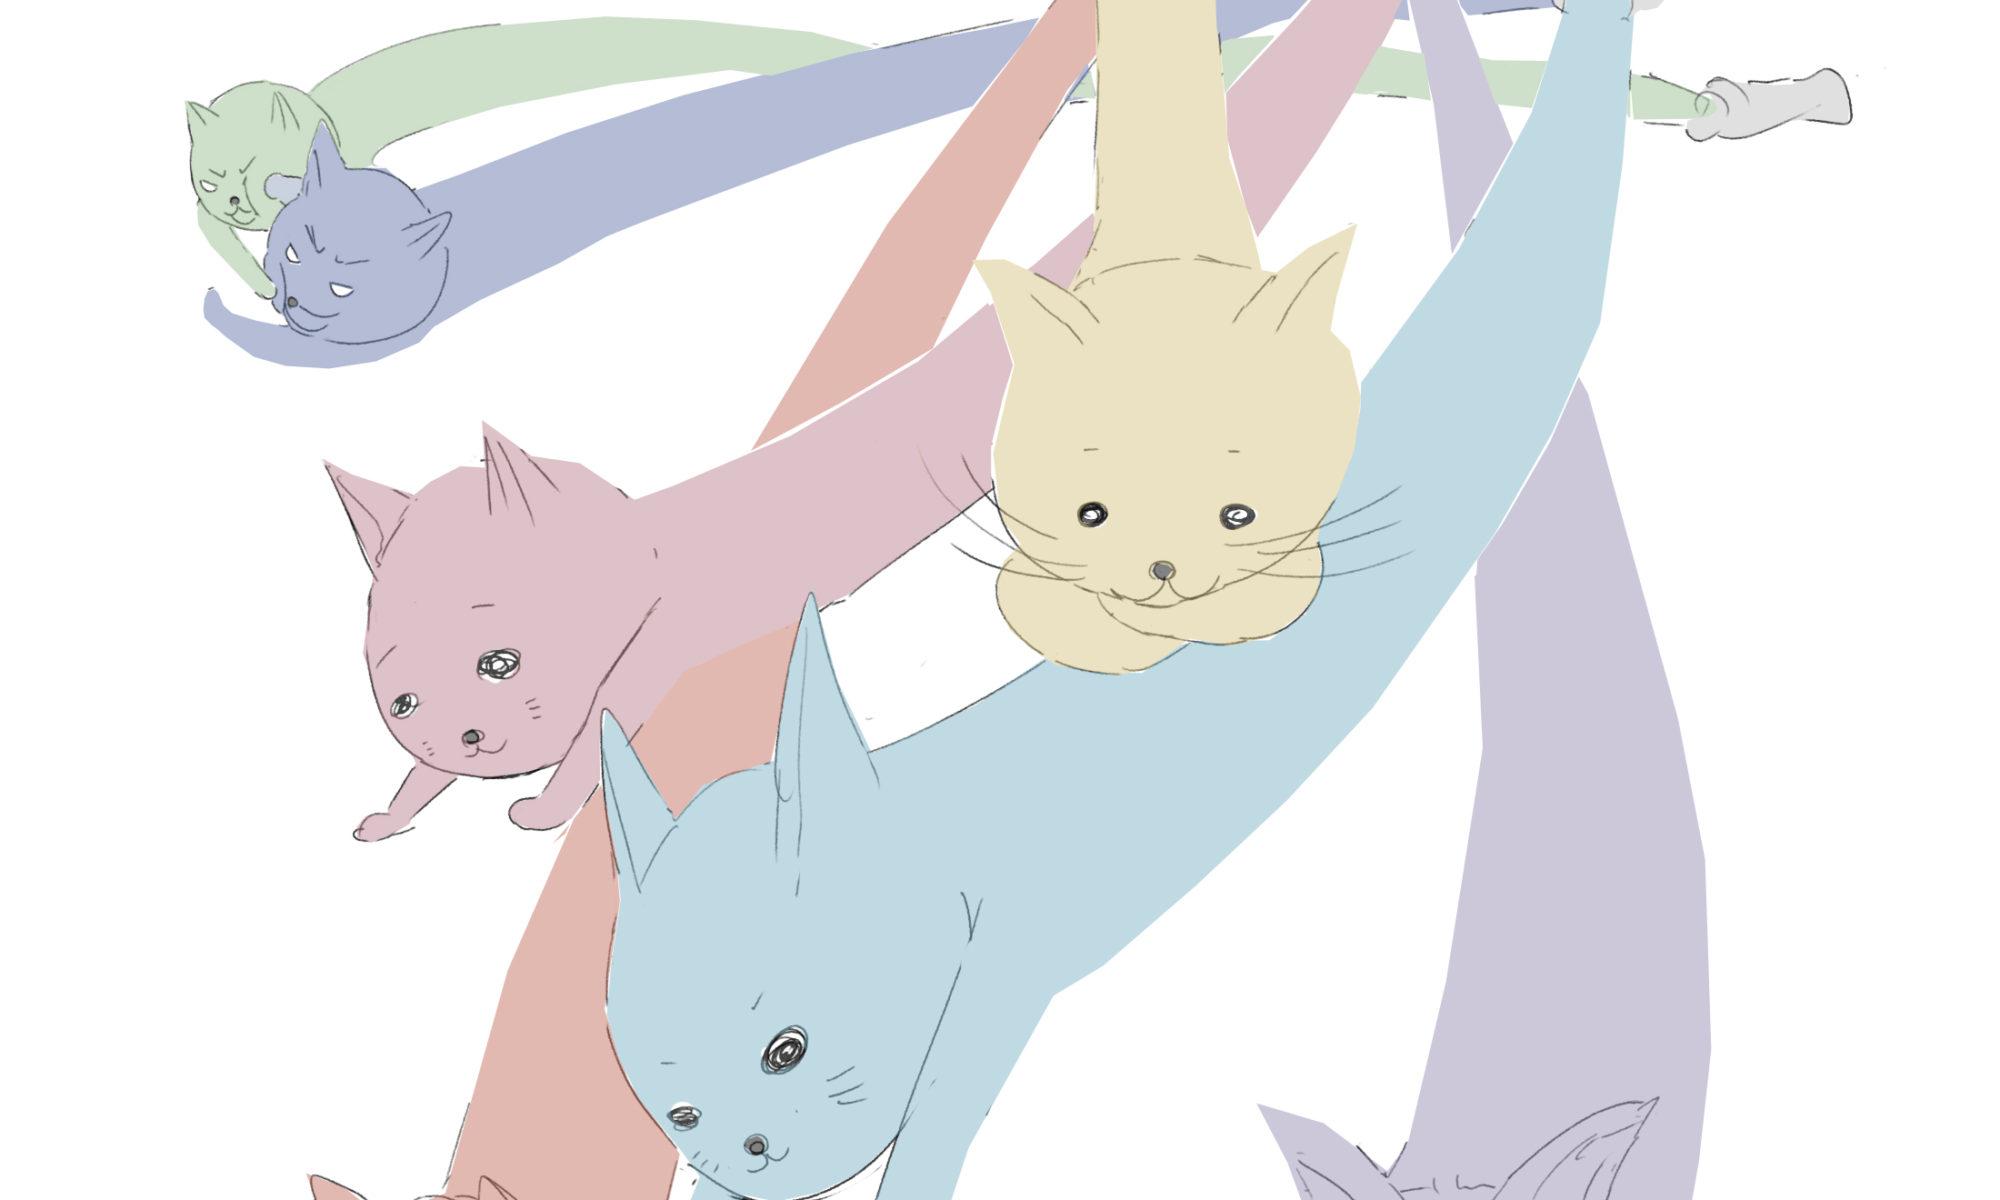 猫型絵の具のイラスト